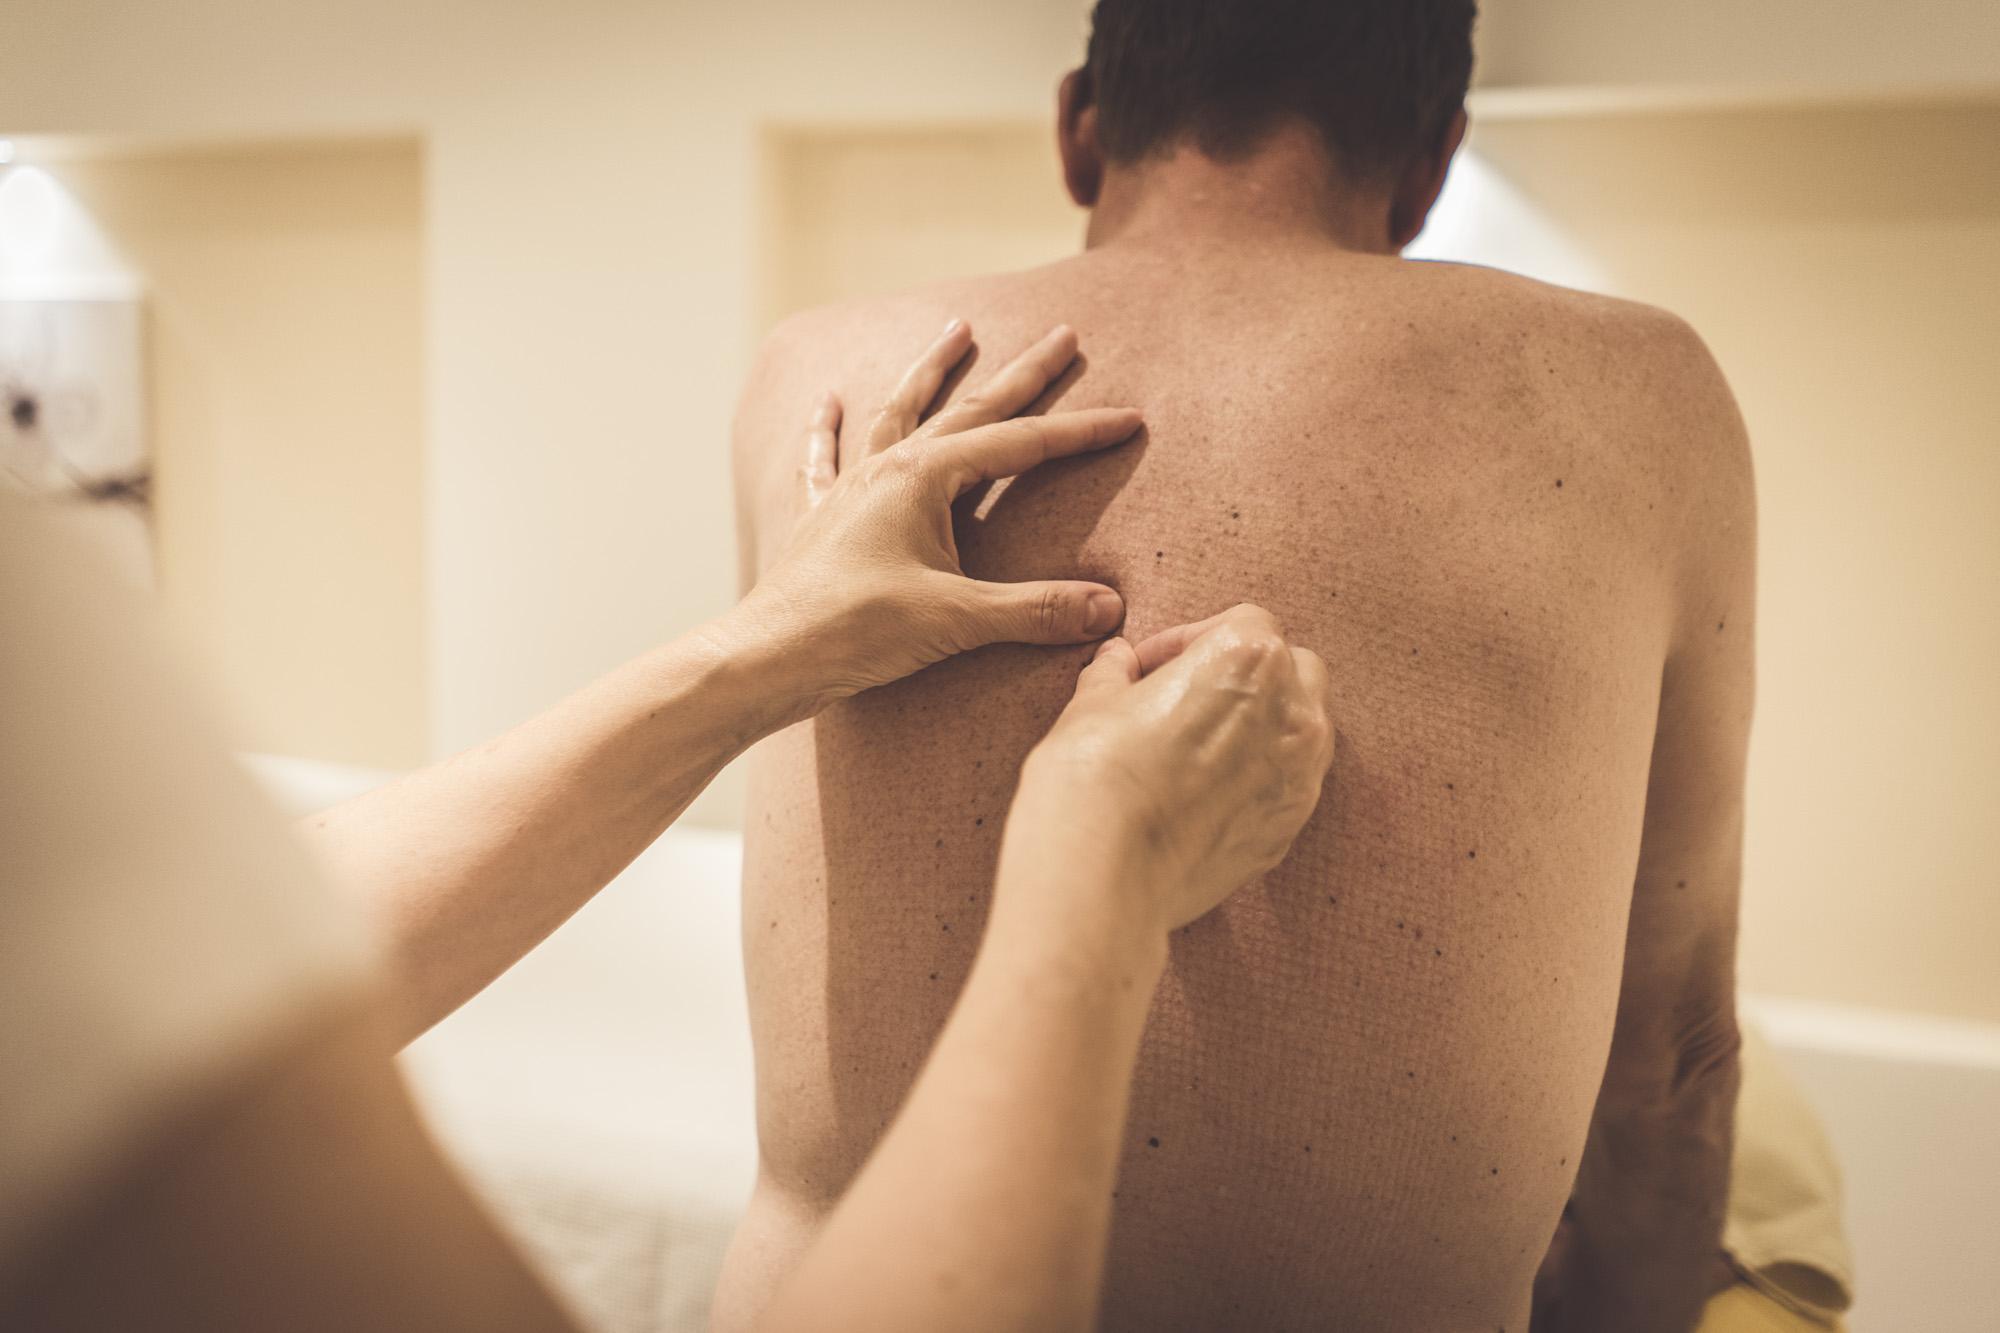 Dorn Therapie Gefährlich